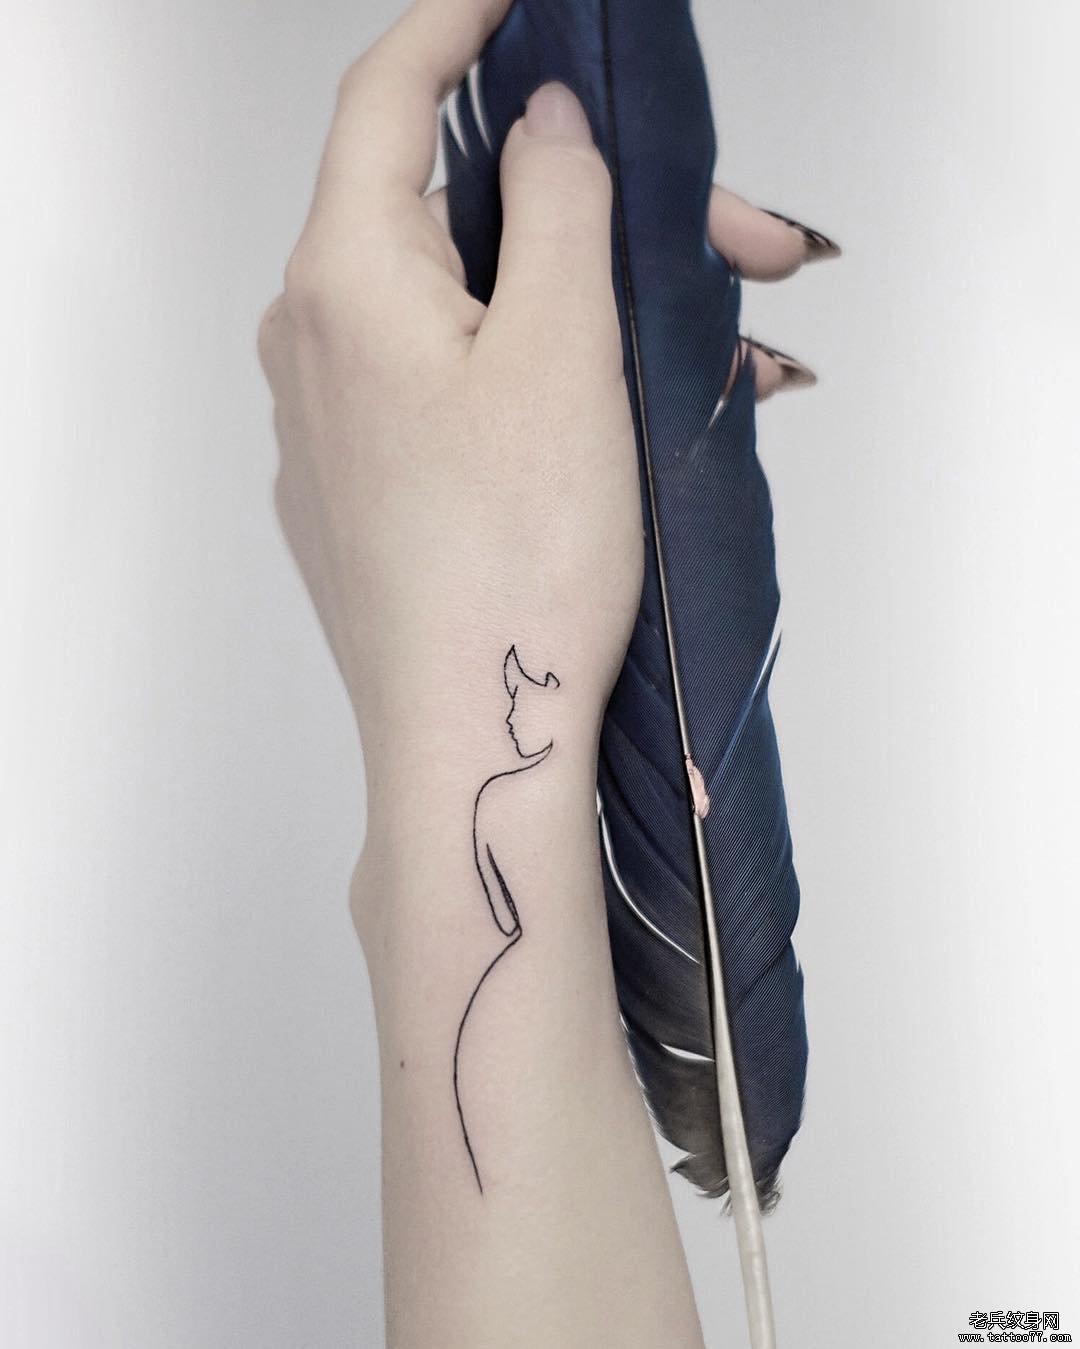 线条女郎简约纹身图案